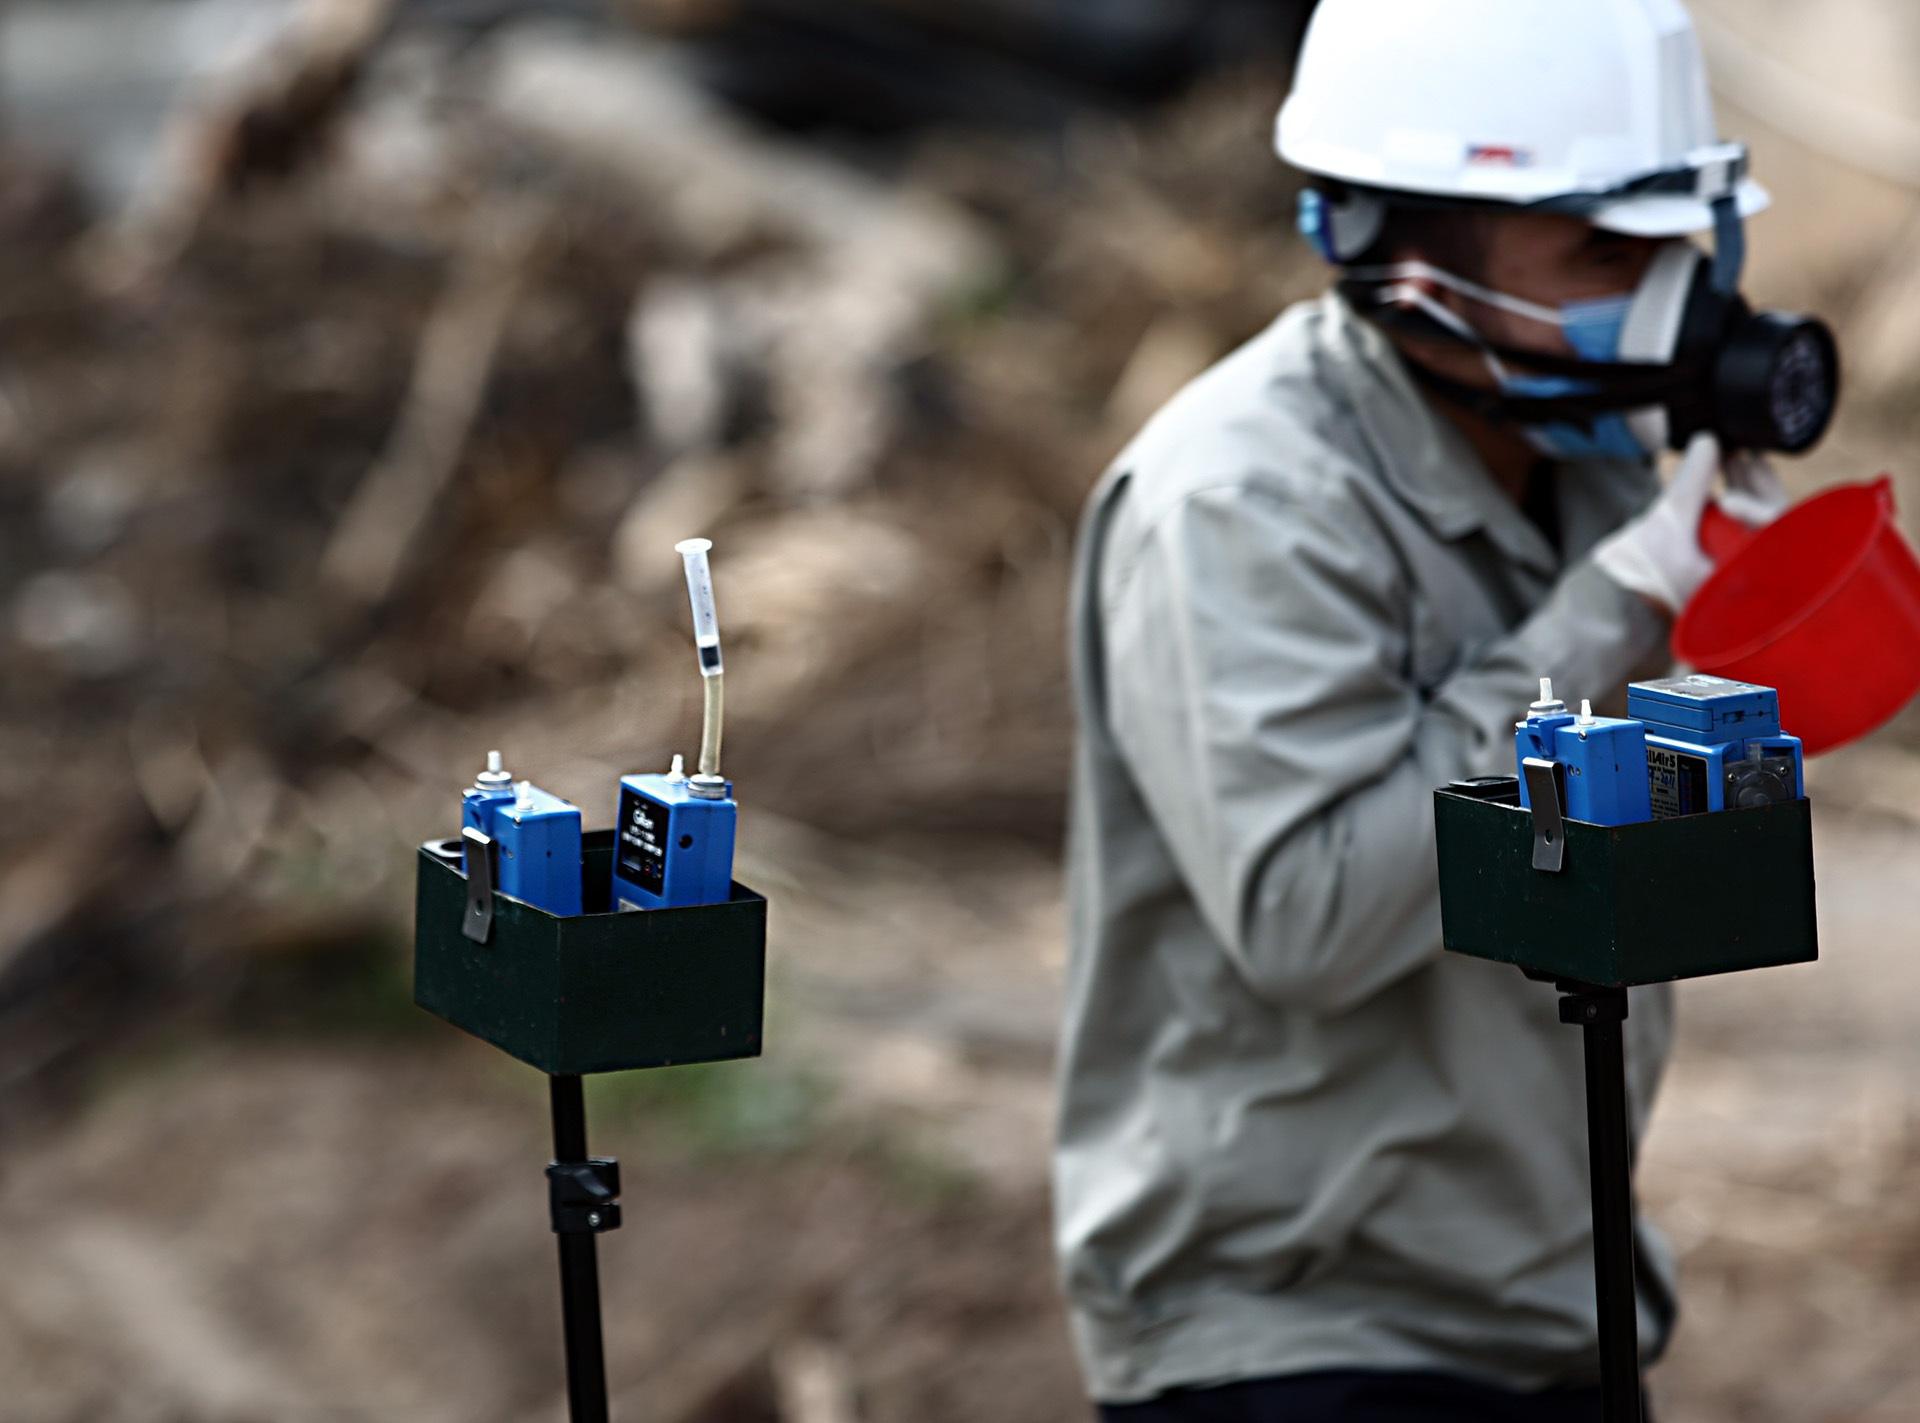 Bộ Tư lệnh hóa học đang phân tích mẫu hóa chất trong vụ cháy ở cảng Đức Giang - Ảnh 1.